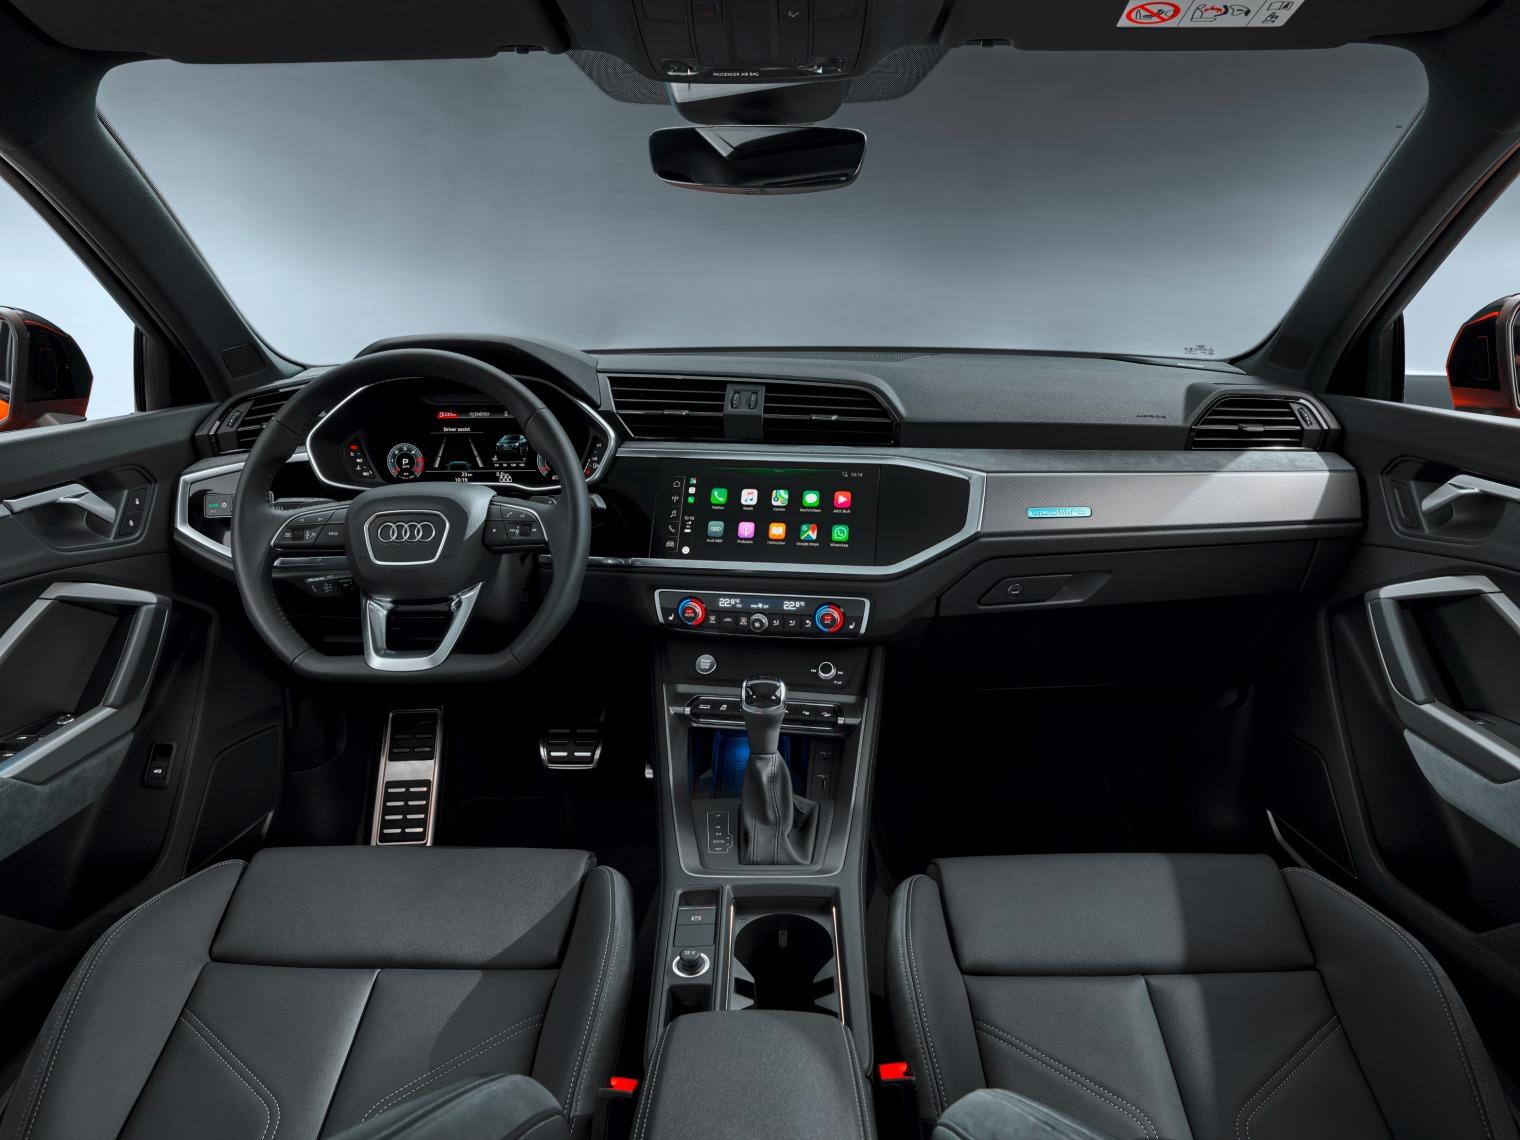 Interni nuova Audi Q3 Sportback